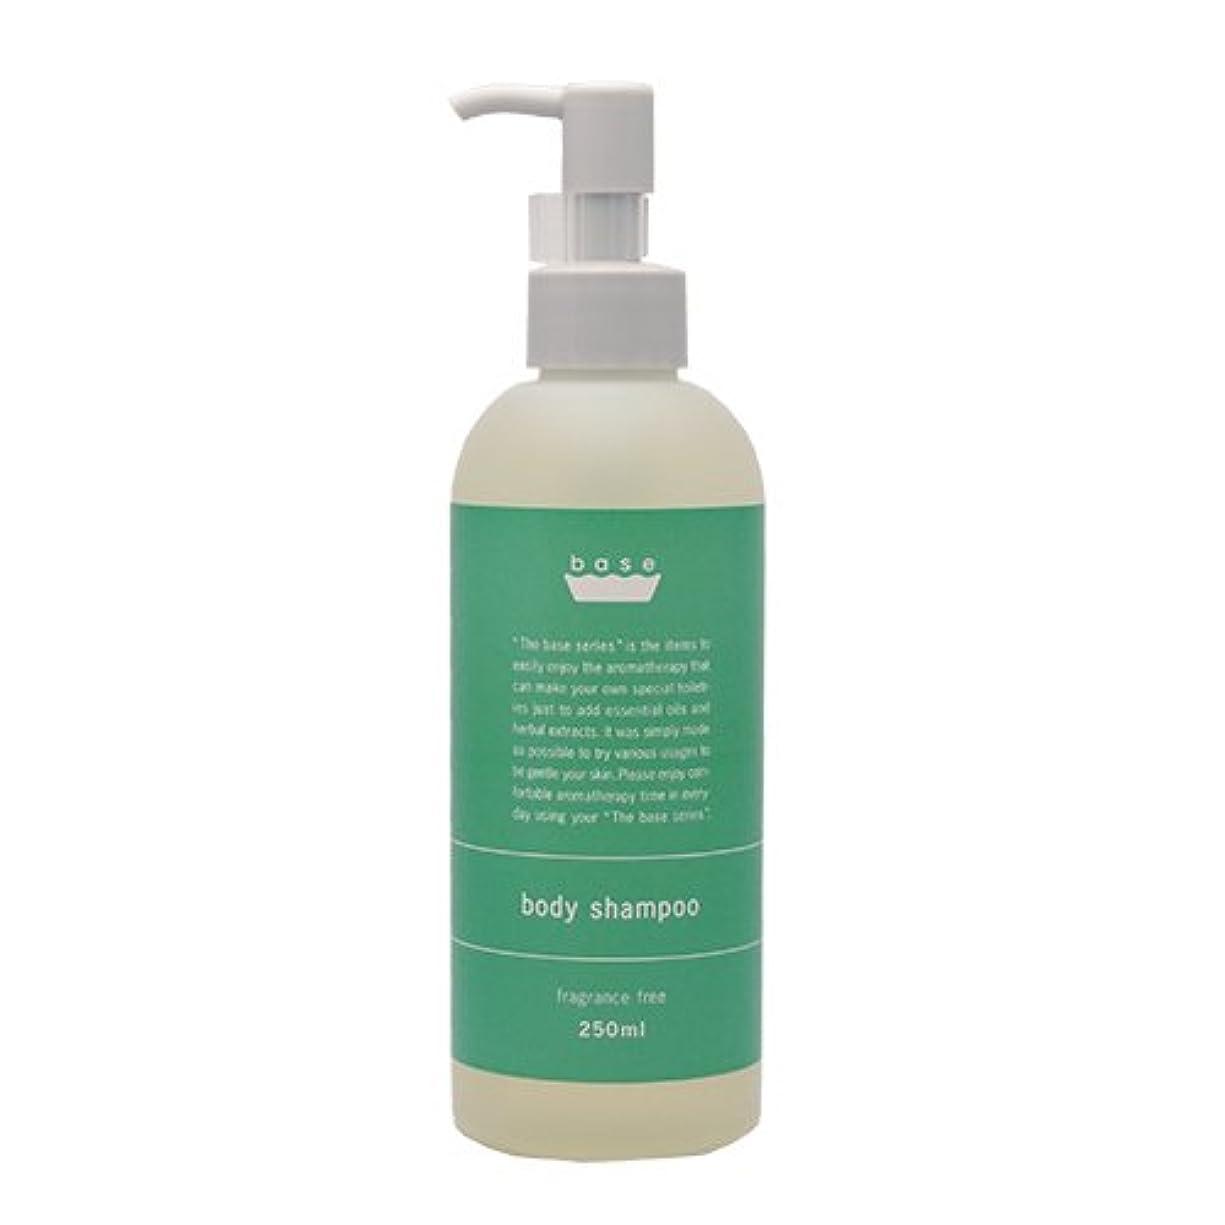 姿を消す親指精度フレーバーライフ base body shampoo(ボディーシャンプー)250ml